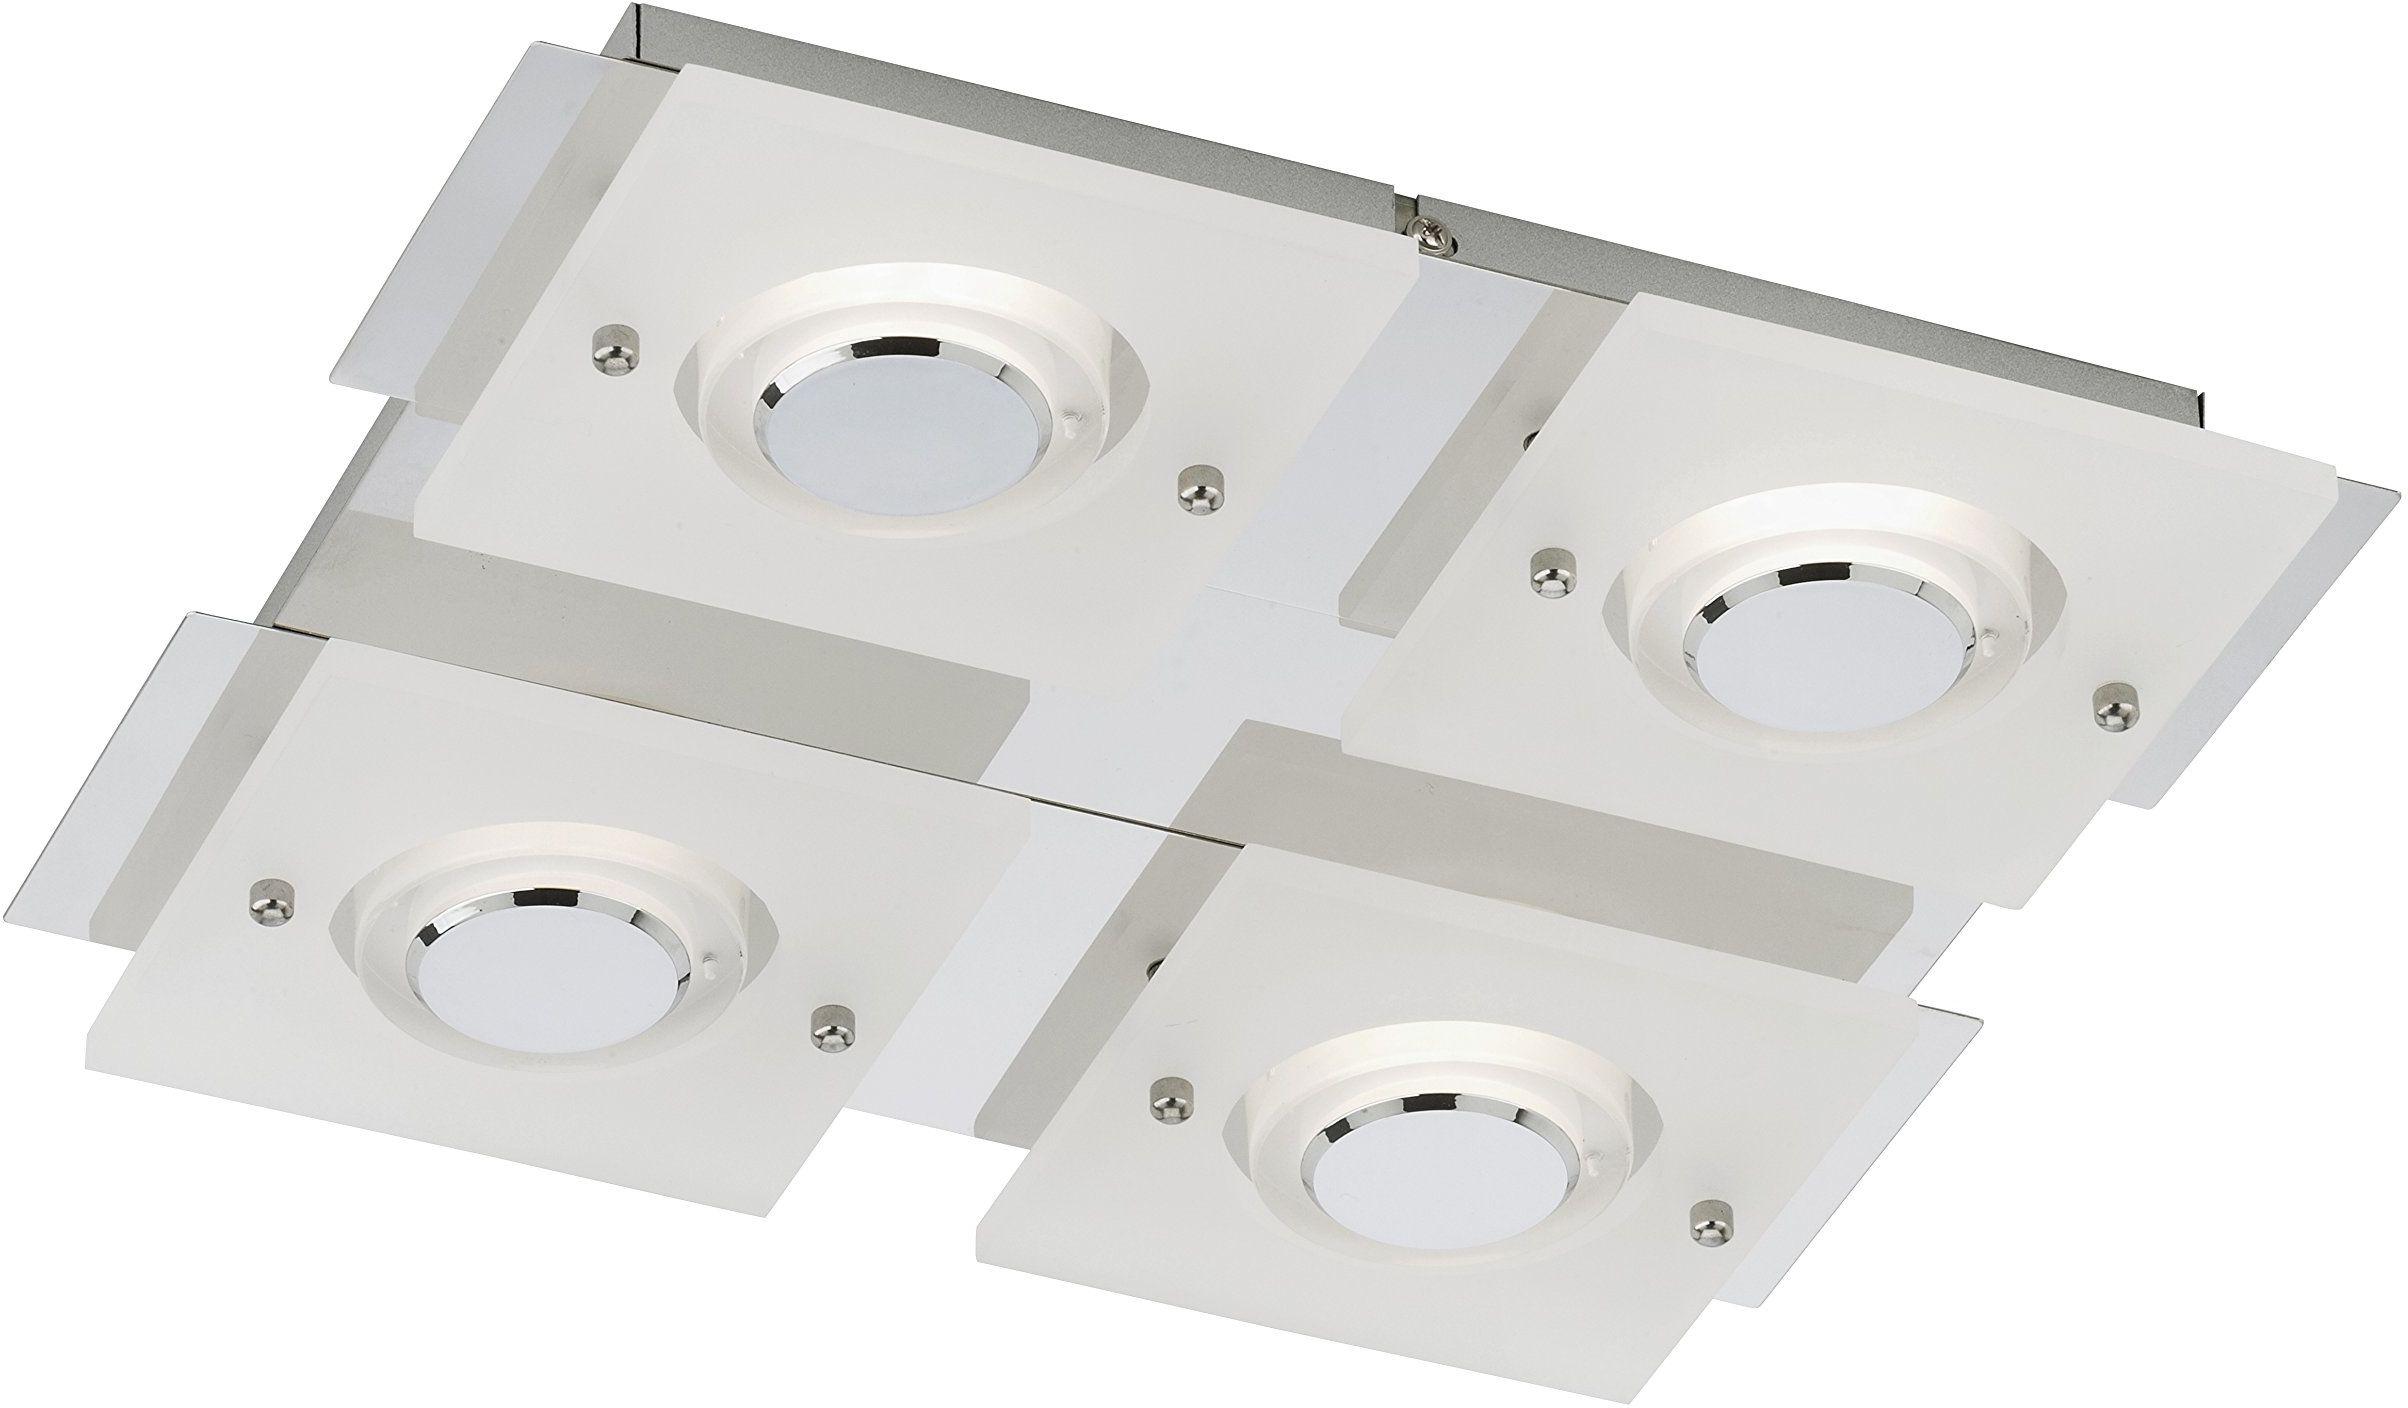 Briloner Leuchten Lampa ścienna LED, lampa sufitowa, lampa ścienna, 4 x moduł LED, 5 W, 400 lumenów, chrom